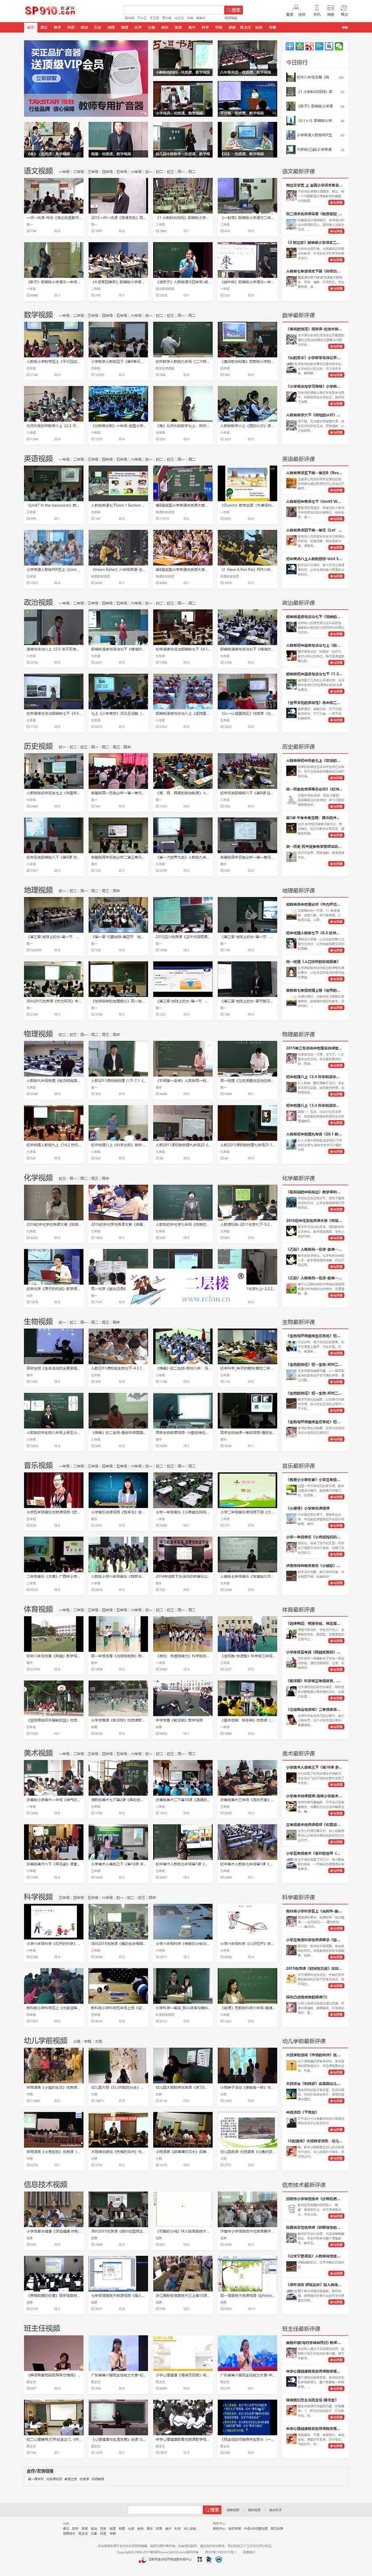 帝国CMS《教视网》在线教学视频网站模板整站源码 带手机版+火车头采集_二层楼源码插图